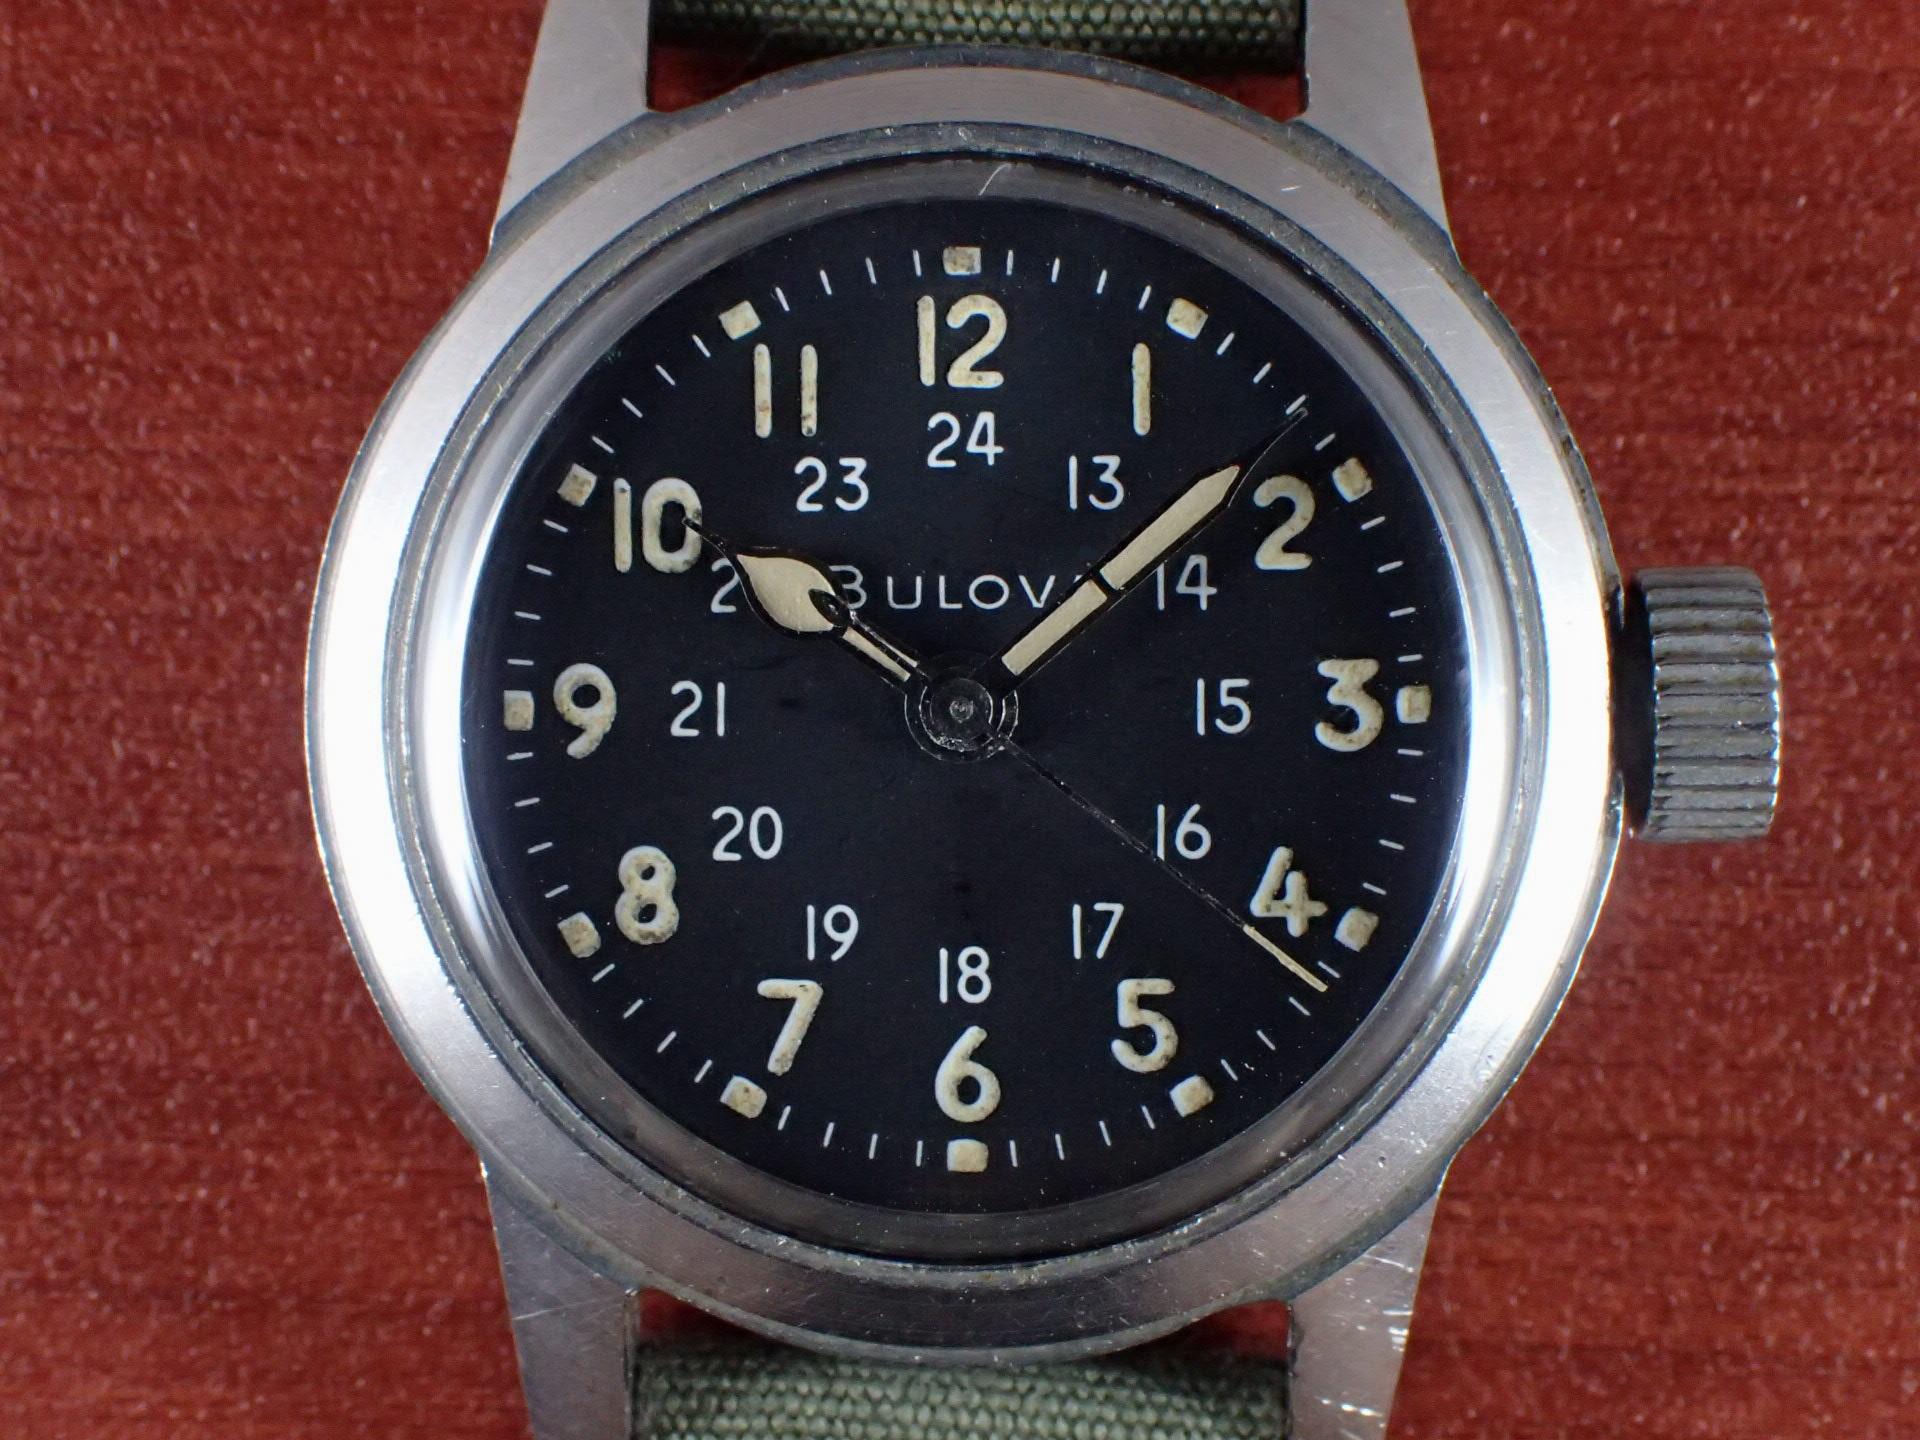 ブローバ 軍用時計 米軍 MIL-W-3818A 1960年代の写真2枚目